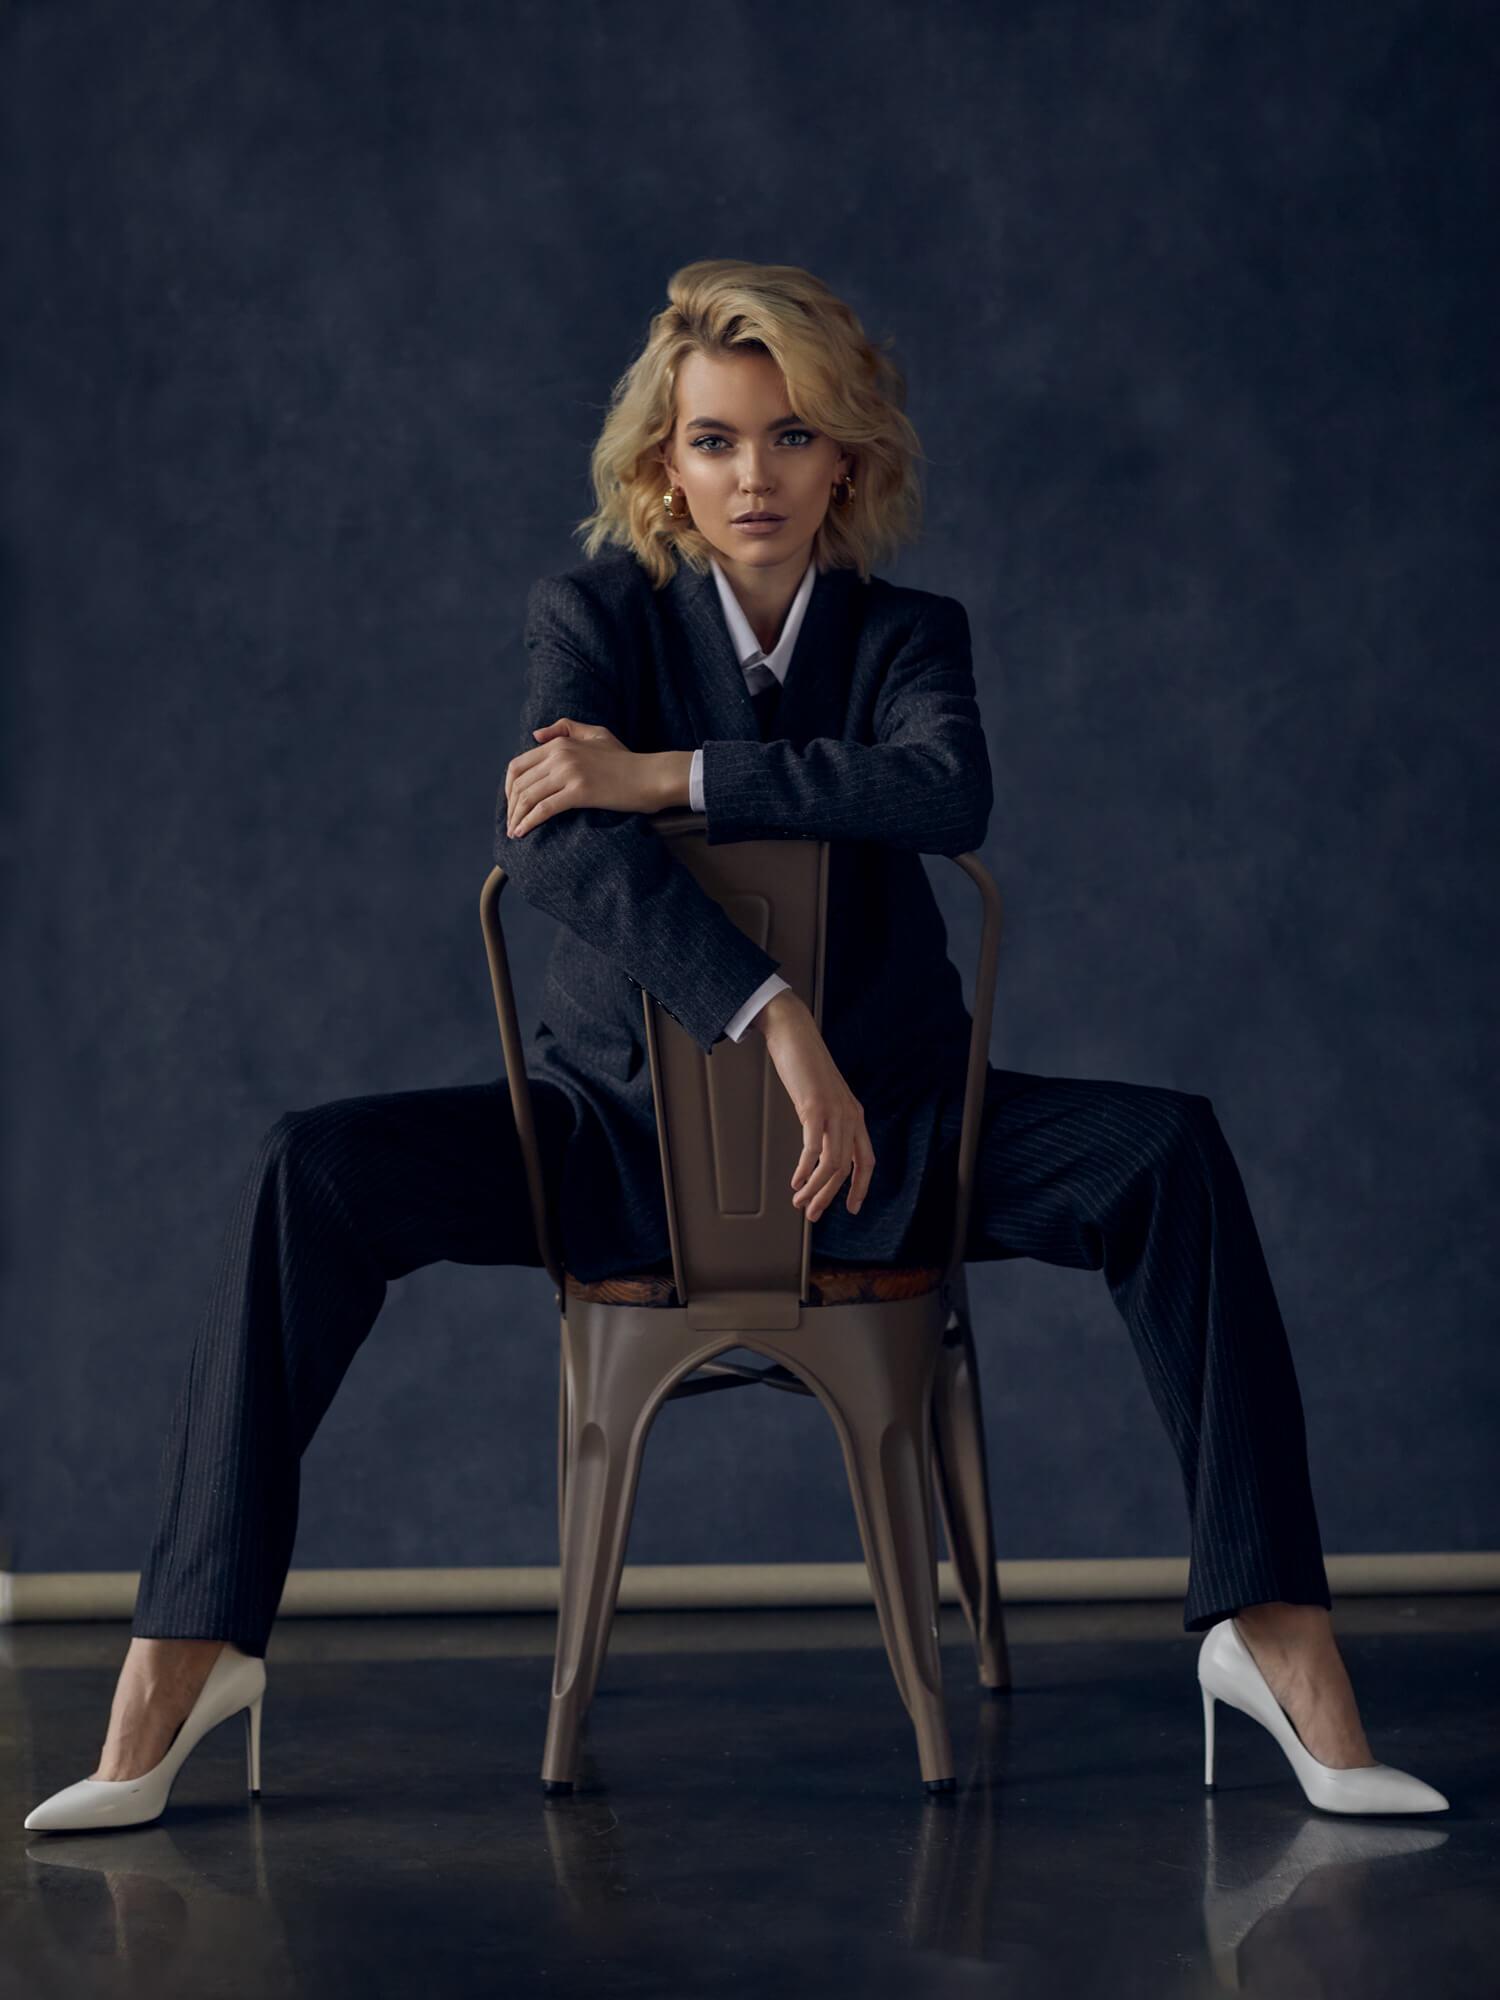 Modefotograf Jette Schrum